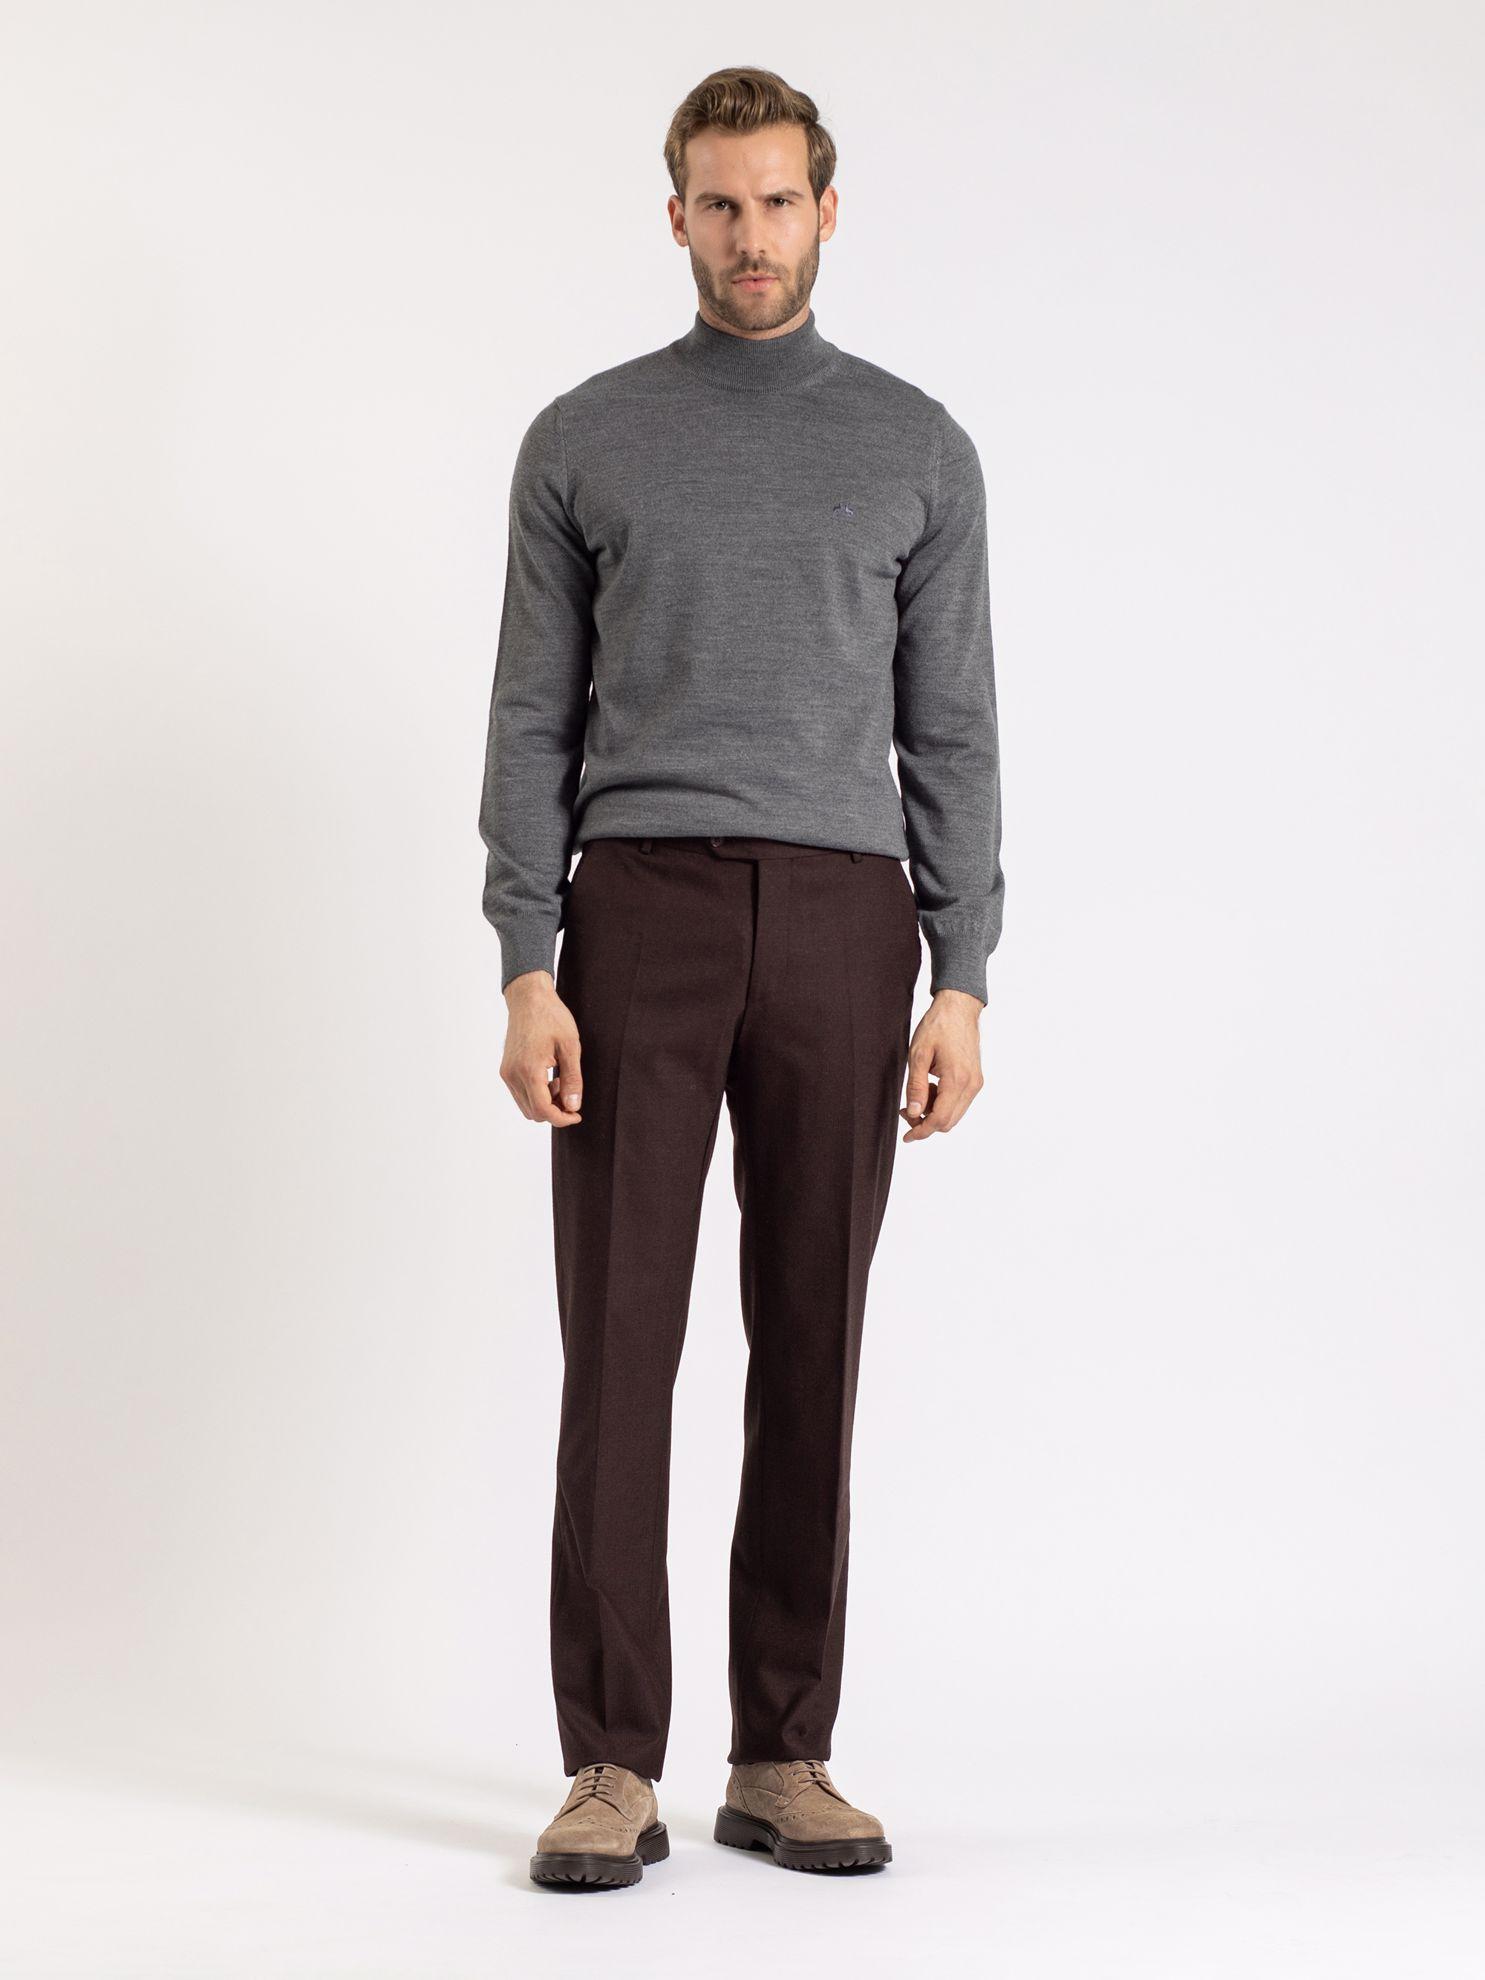 Karaca Erkek Pantolon-Bordo. ürün görseli